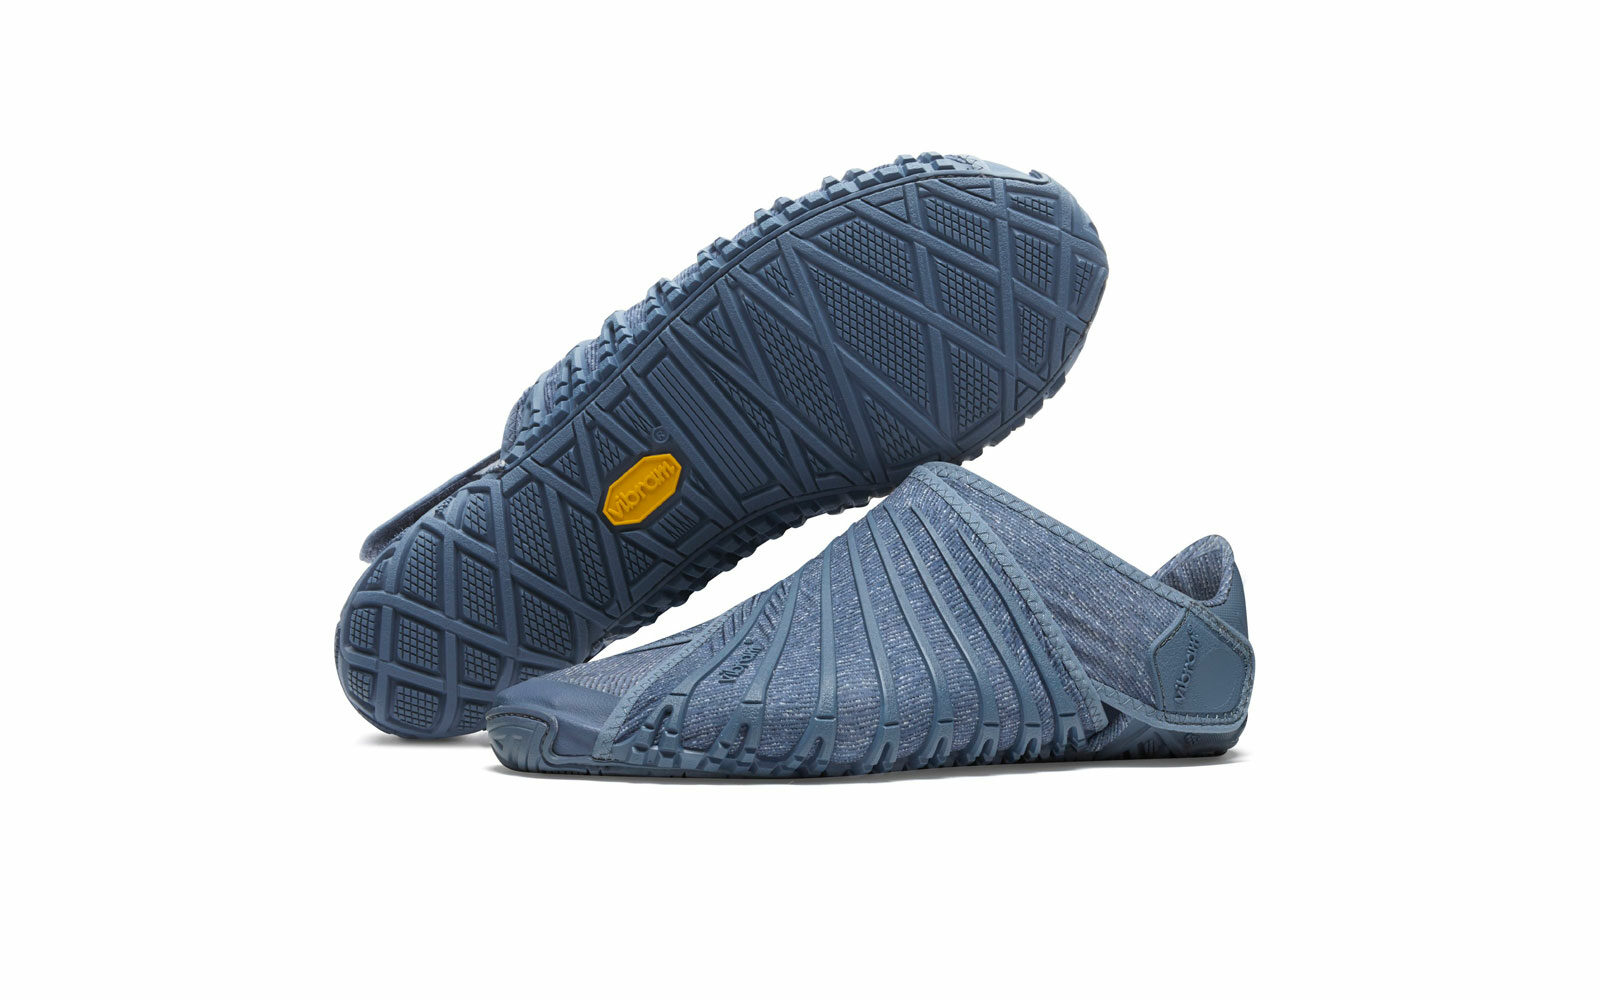 Vibram Furoshiki The Wrapping Sole, per rilassare i piedi a fine corsa, in morbido tessuto Sensitive e suola Vibram, praticità, comfort, versatilità, euro 99